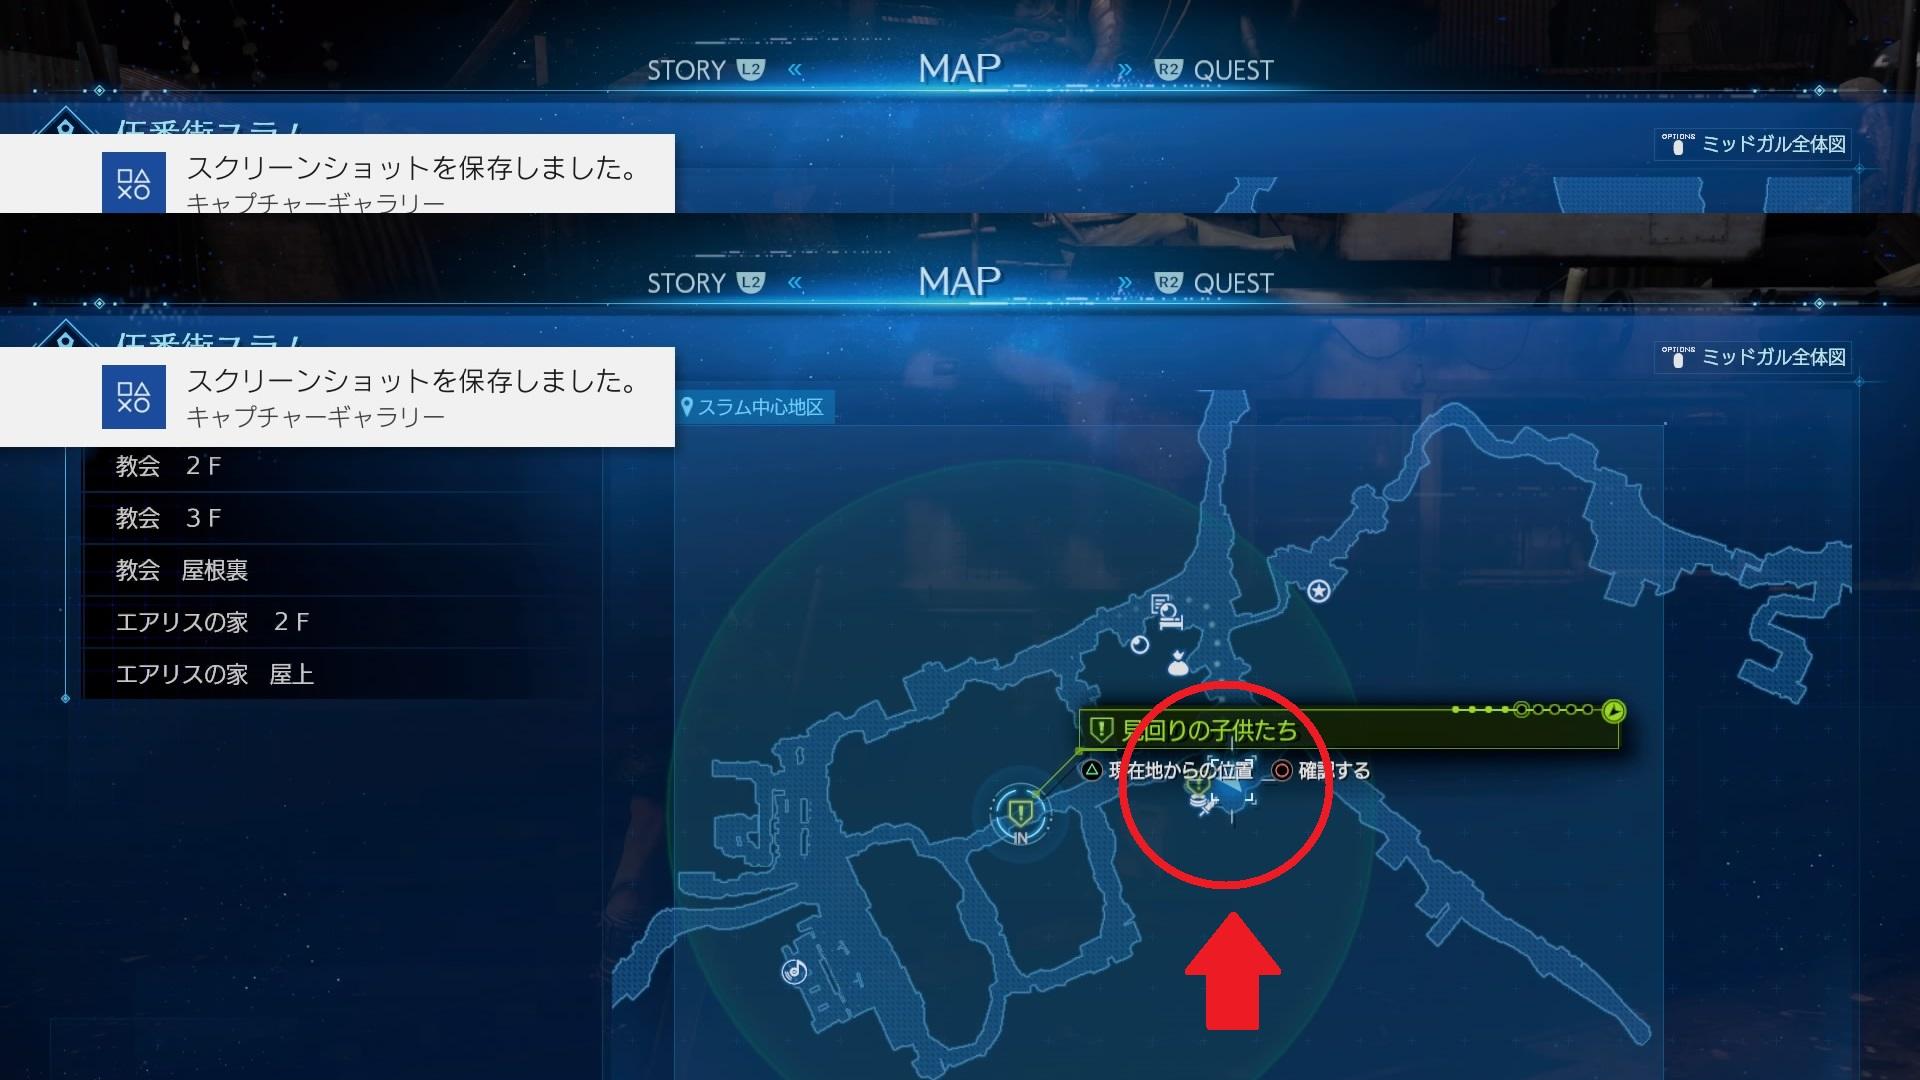 FF7R(リメイク) チャプター8 サブクエスト「見回りの子供たち」の場所はどこ?【ファイナルファンタジー7】